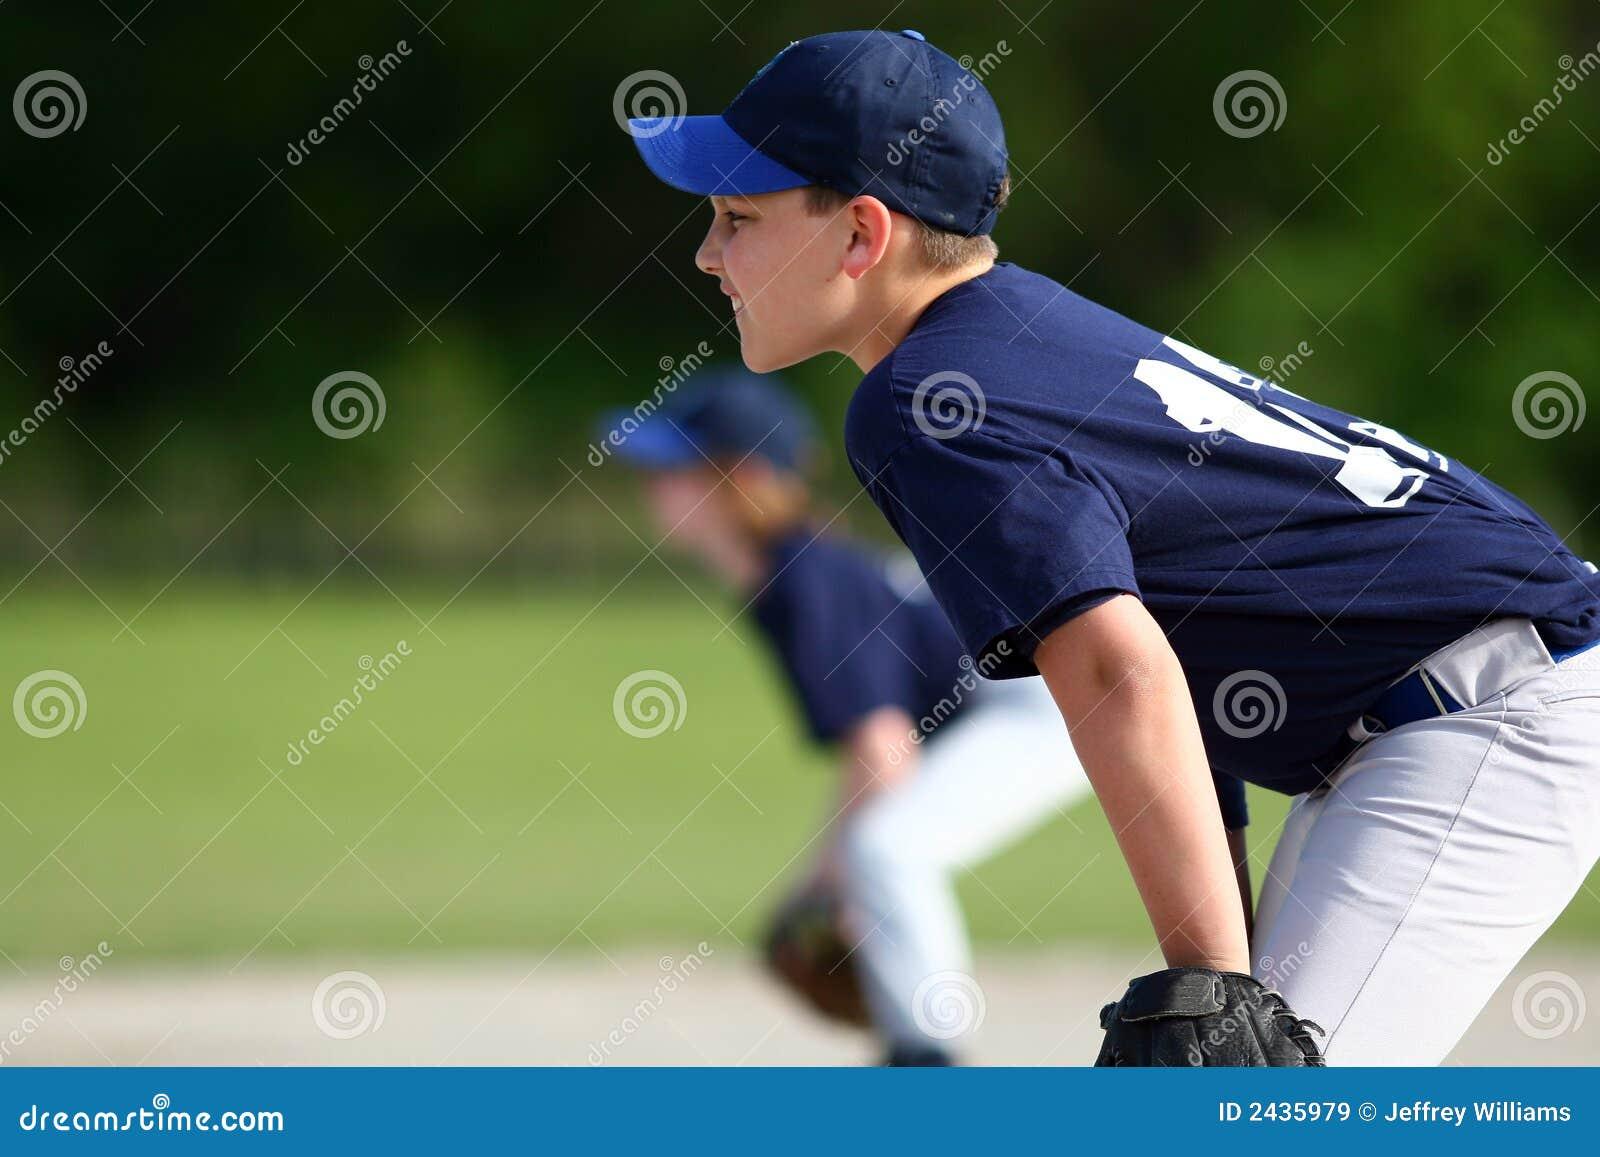 παίζοντας νεολαίες αγοριών μπέιζ-μπώλ